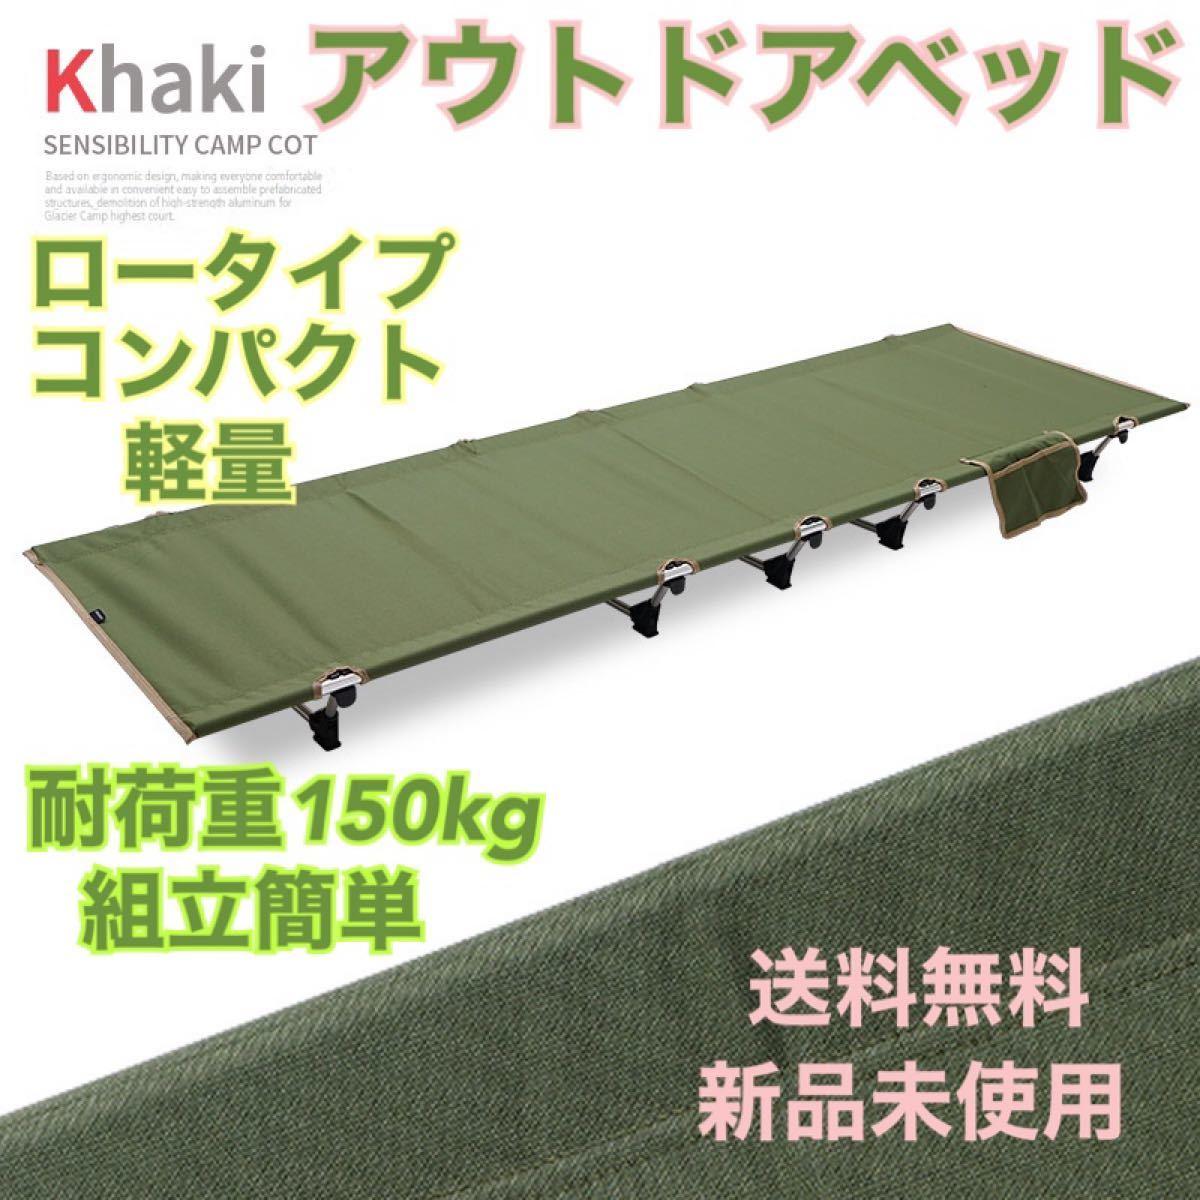 新品 値下げ コット アウトドアベッド キャンプ 簡易ベッド 折りたたみベッド ローコット 軽量 アウトドア カーキ 黒 ベッド